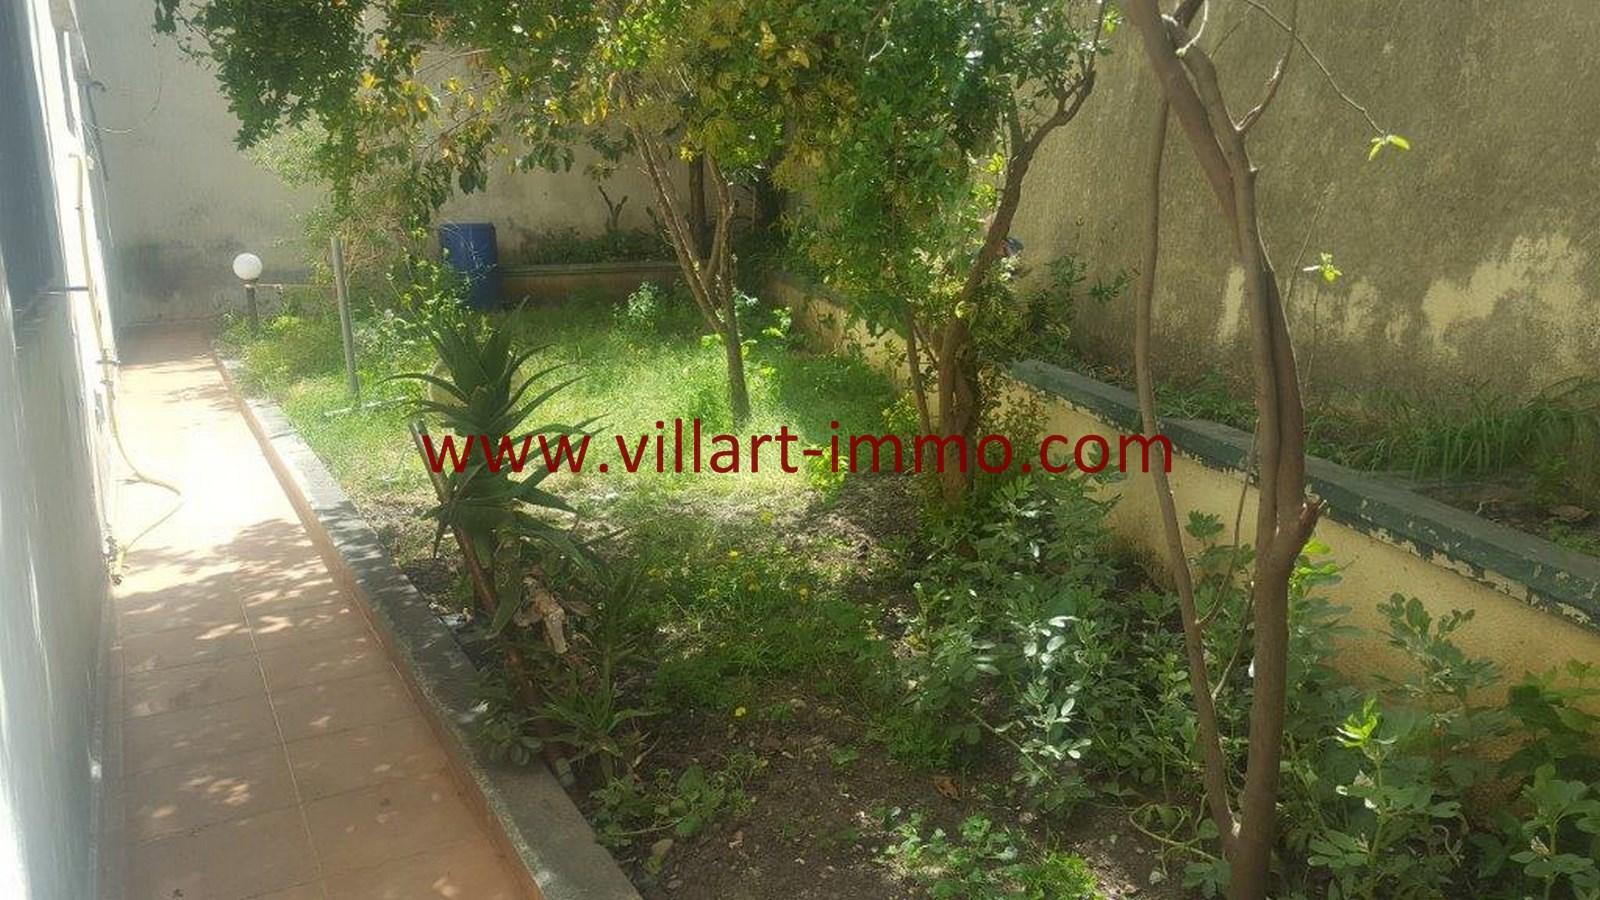 20-Vente-Villa-Tanger-Moujahidin-Jardin 2-VV491-Villart Immo